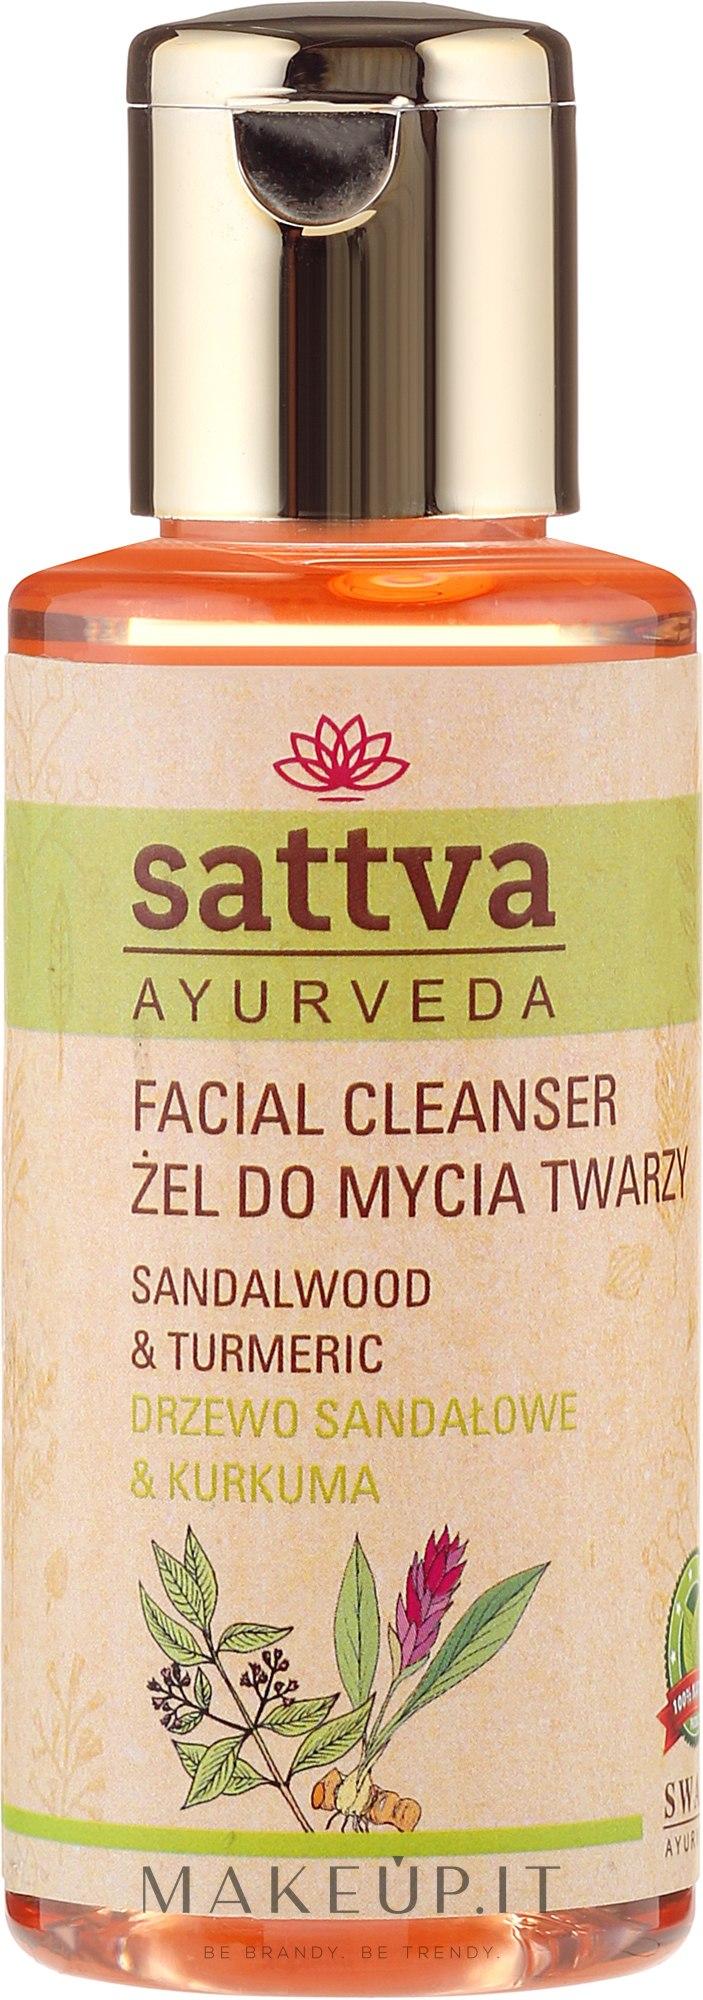 Gel detergente viso - Sattva Facial Cleanser Sandalwood — foto 100 ml